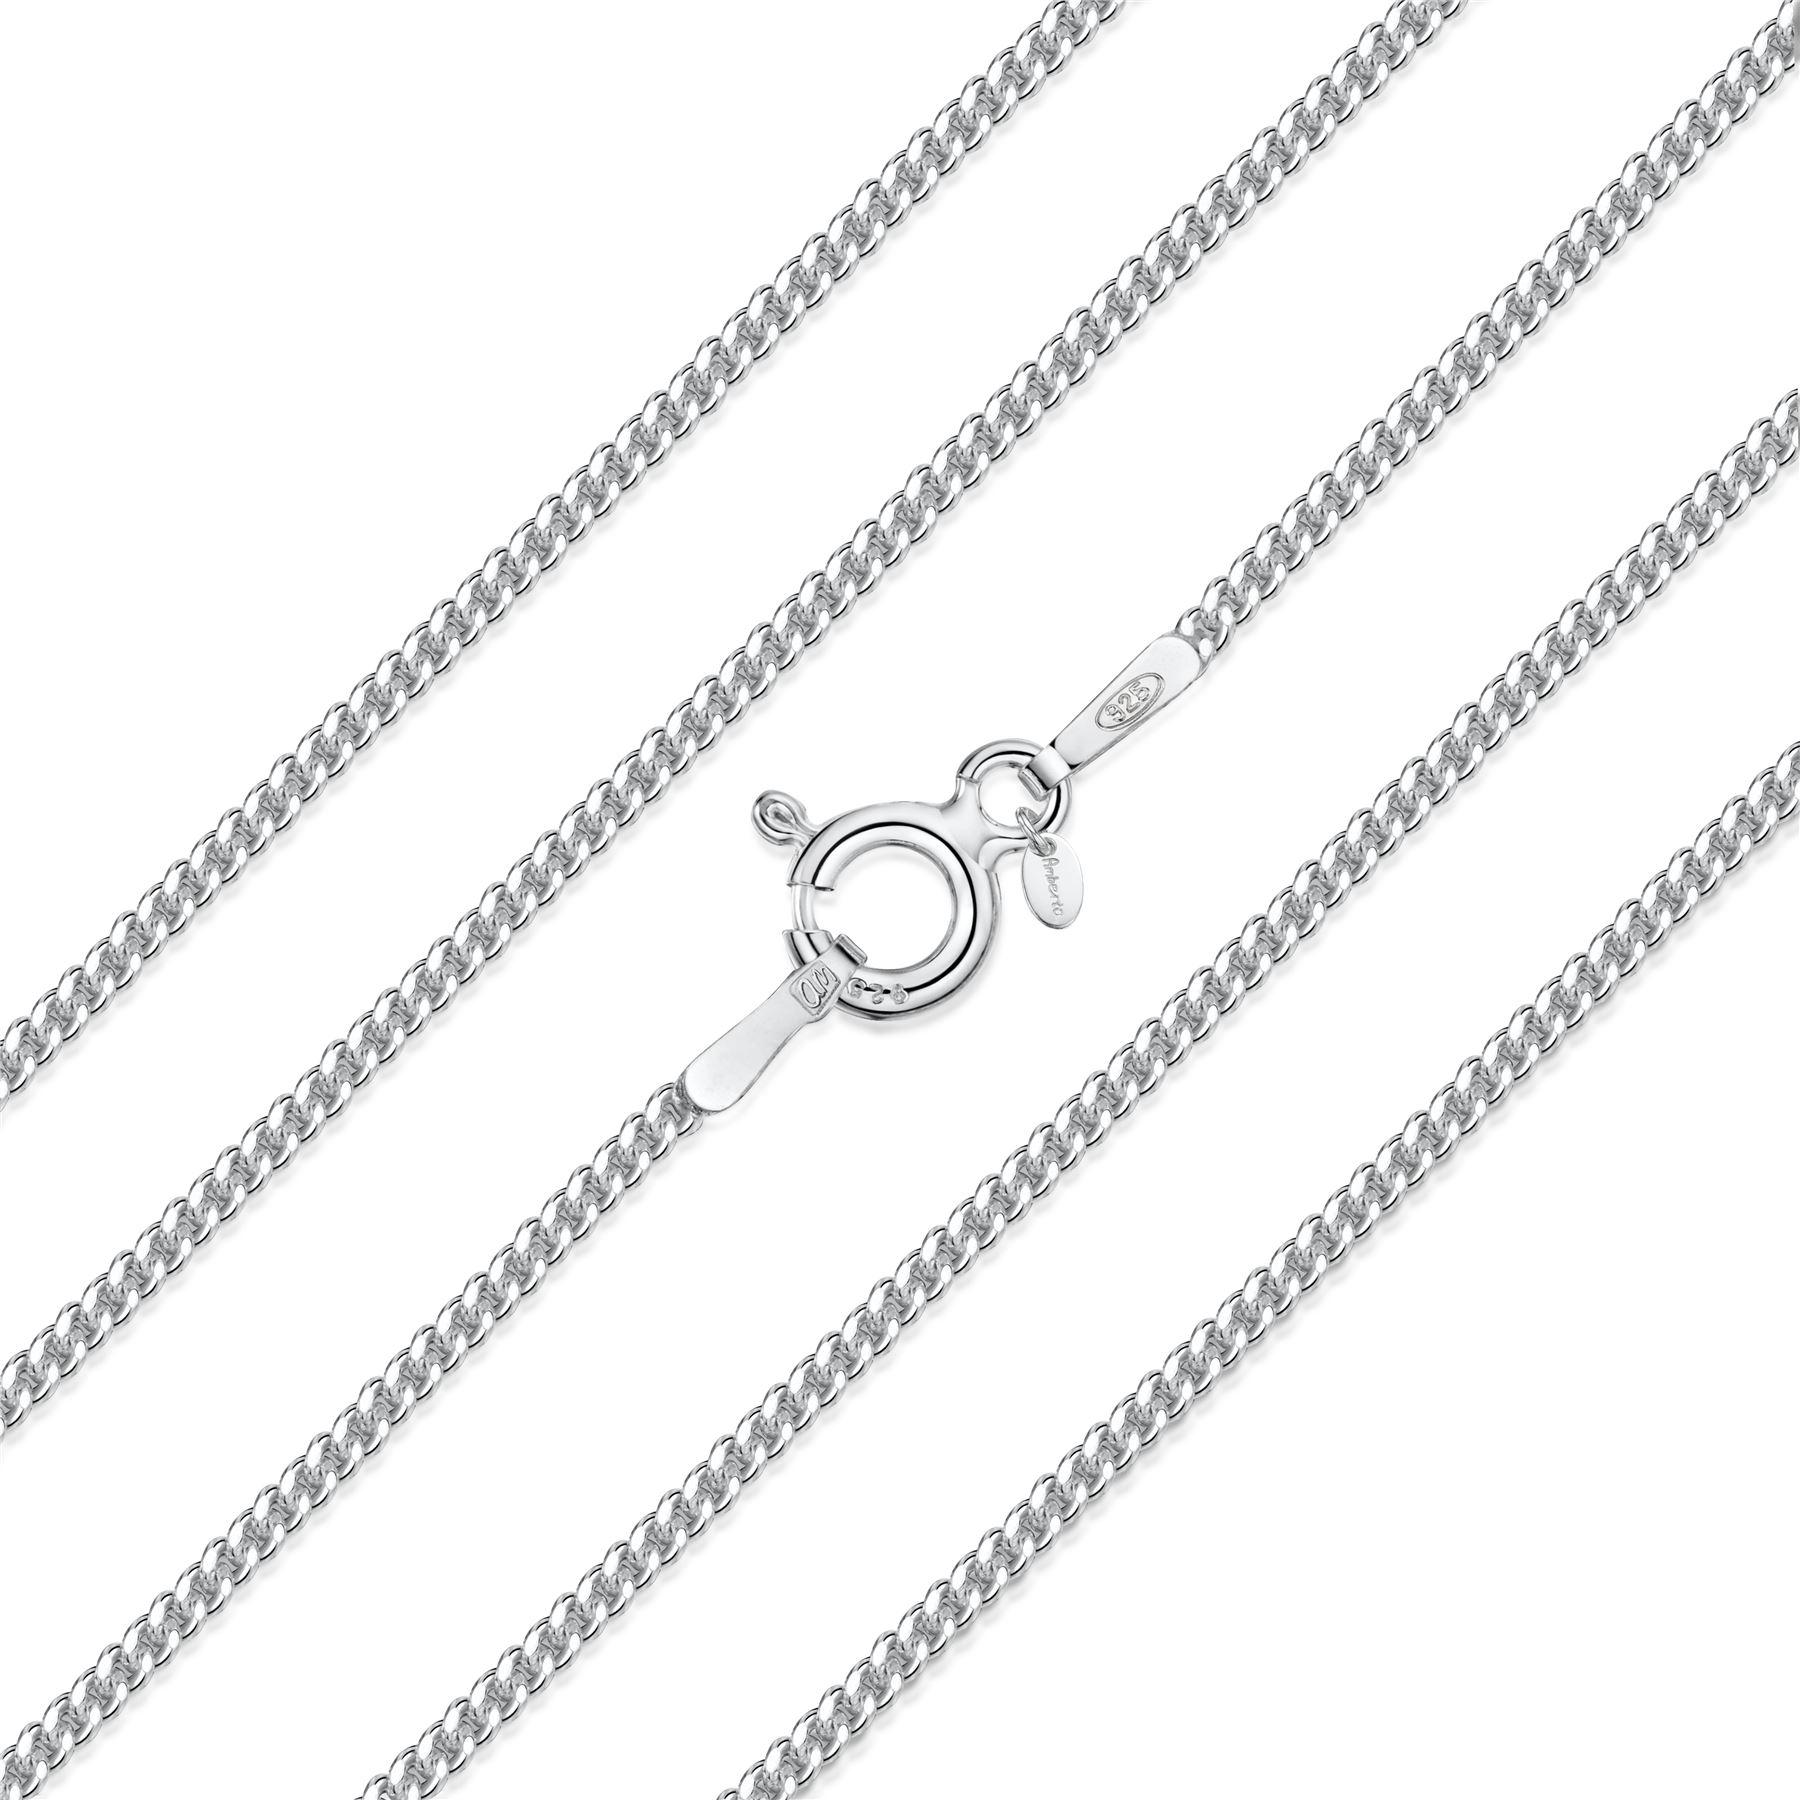 Amberta-Collar-en-Plata-De-Ley-925-Autentica-Cadena-para-Mujer-y-Hombre-Italiana miniatura 54